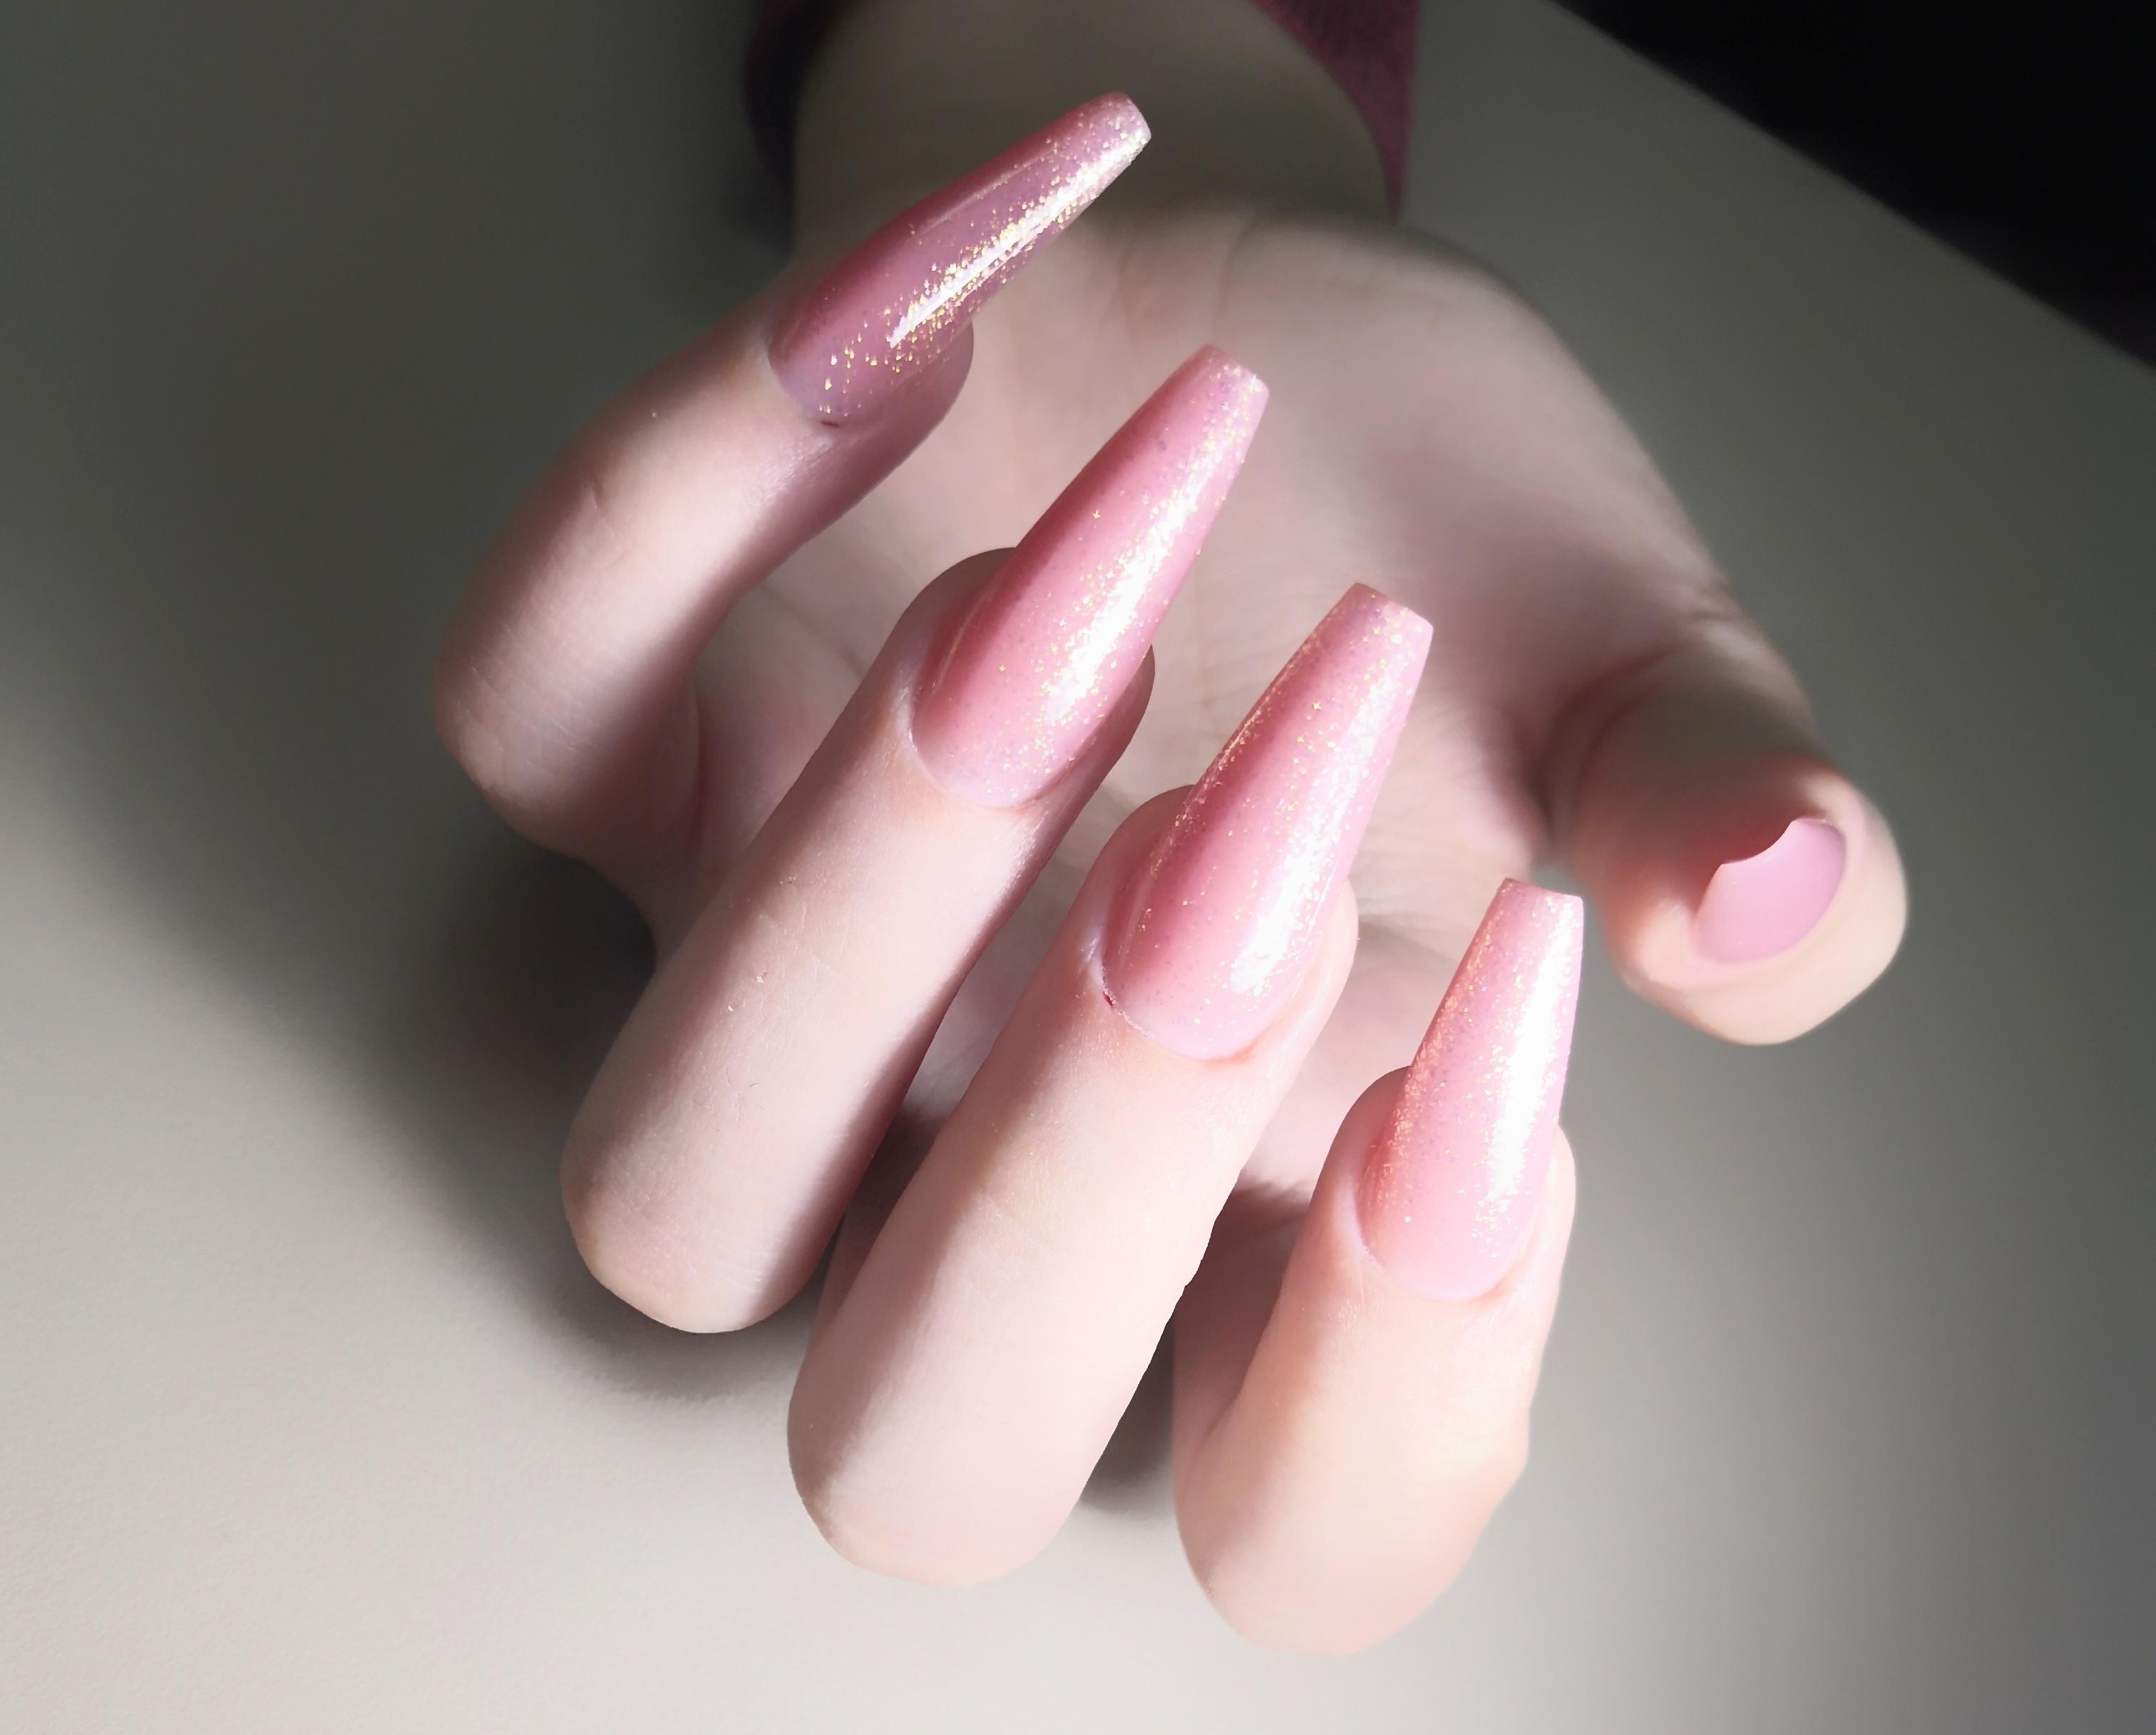 Маникюр на длинных ногтях в розовом цвете с золотыми блёстками.